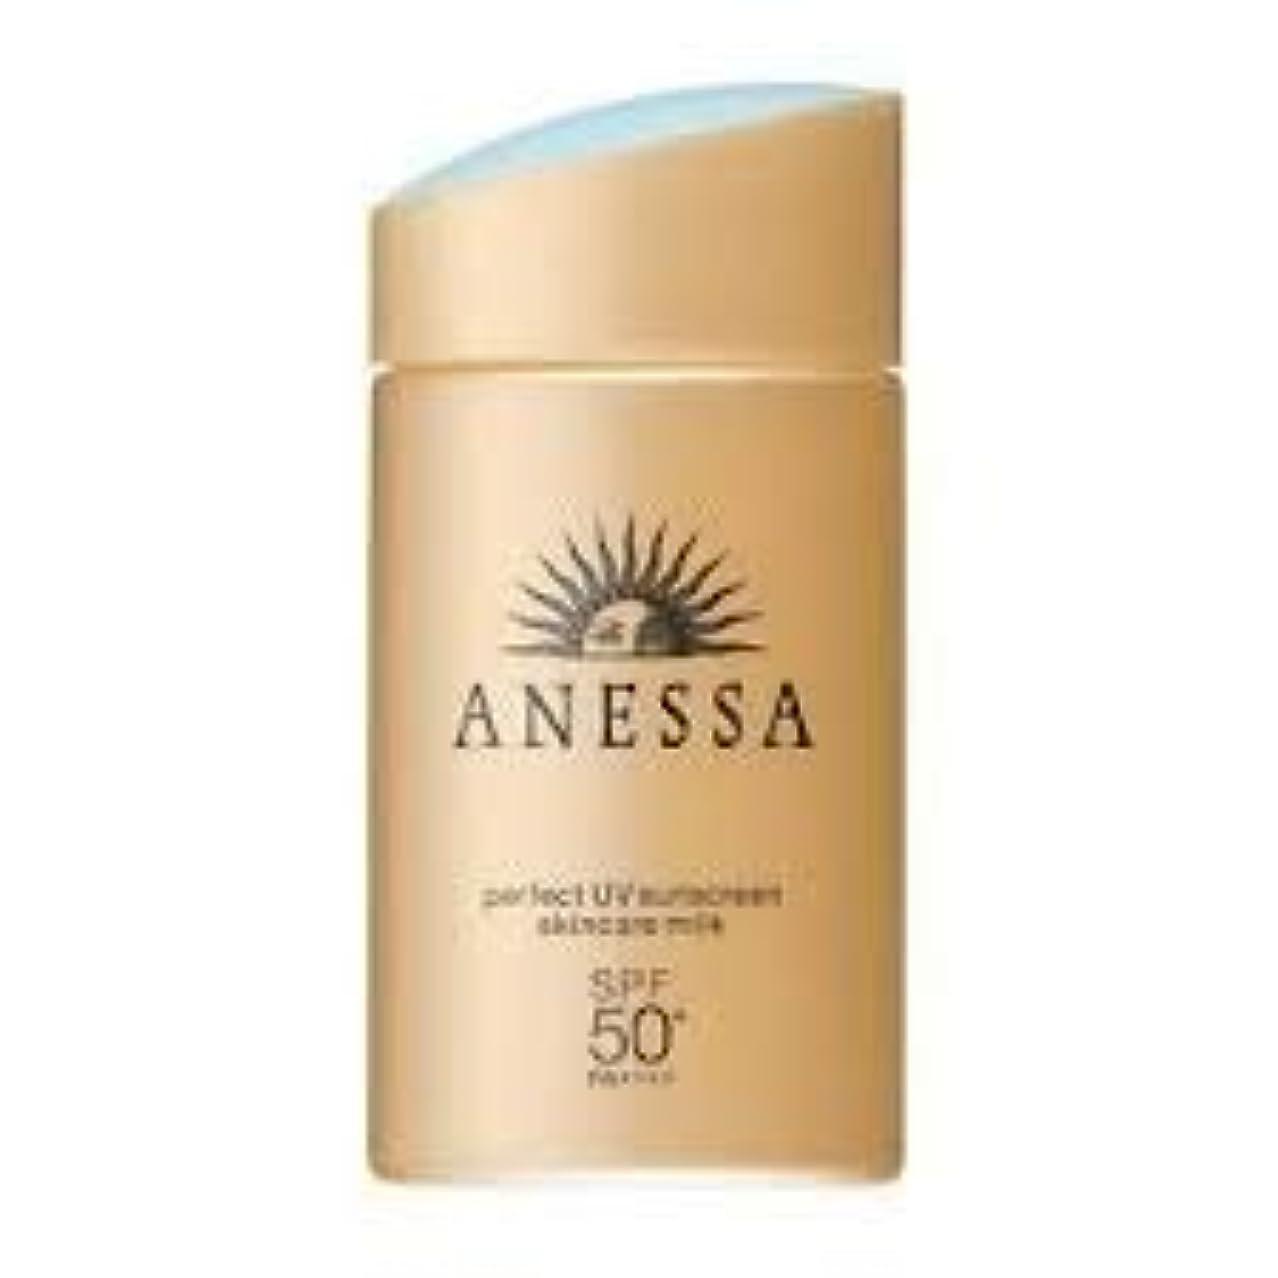 針想起耳ANESSA パーフェクト日焼け止めローション優しいミルク20ミリリットル